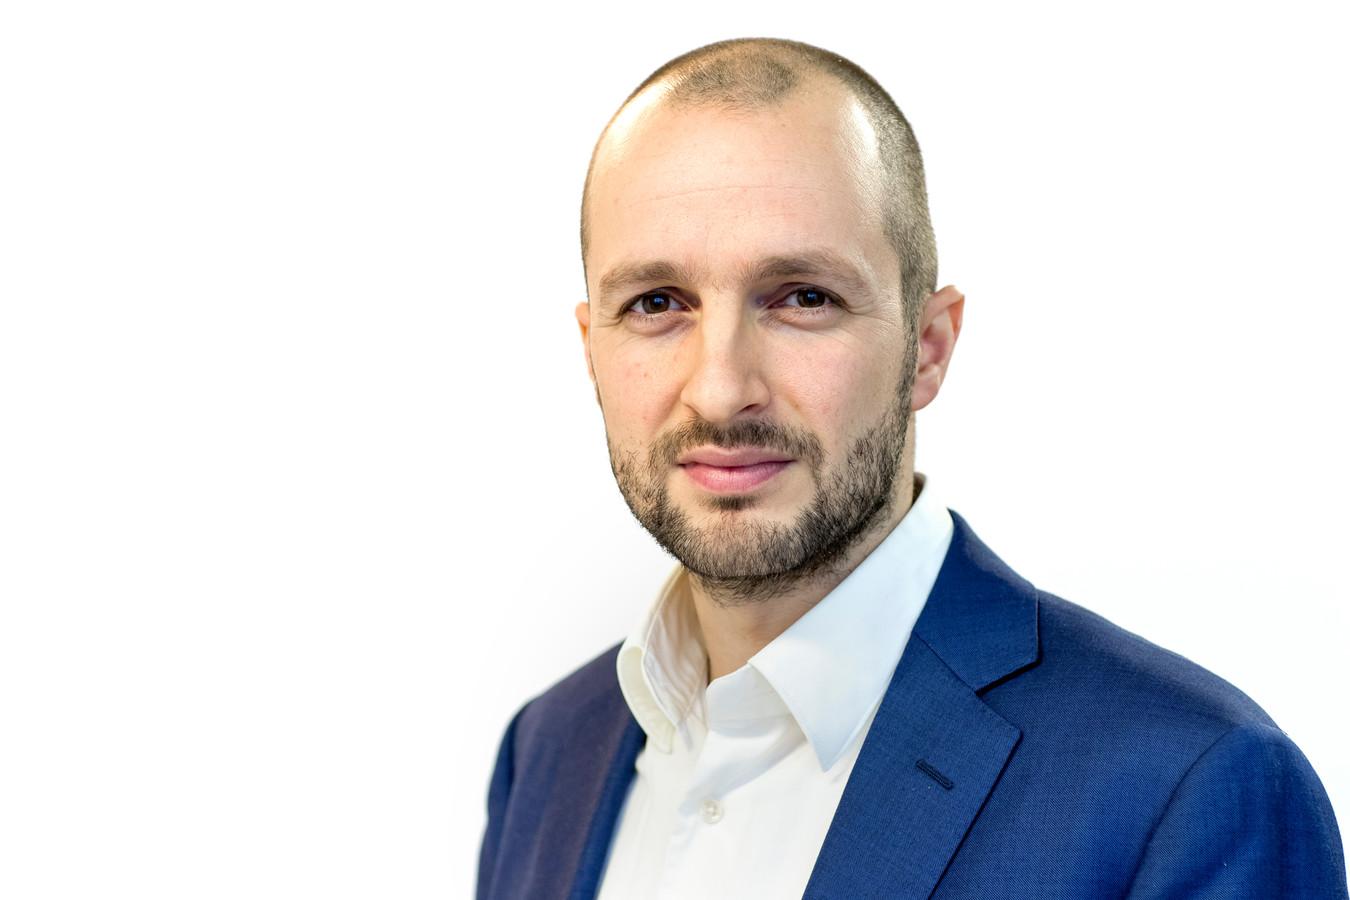 Maarten Hijink van de SP.